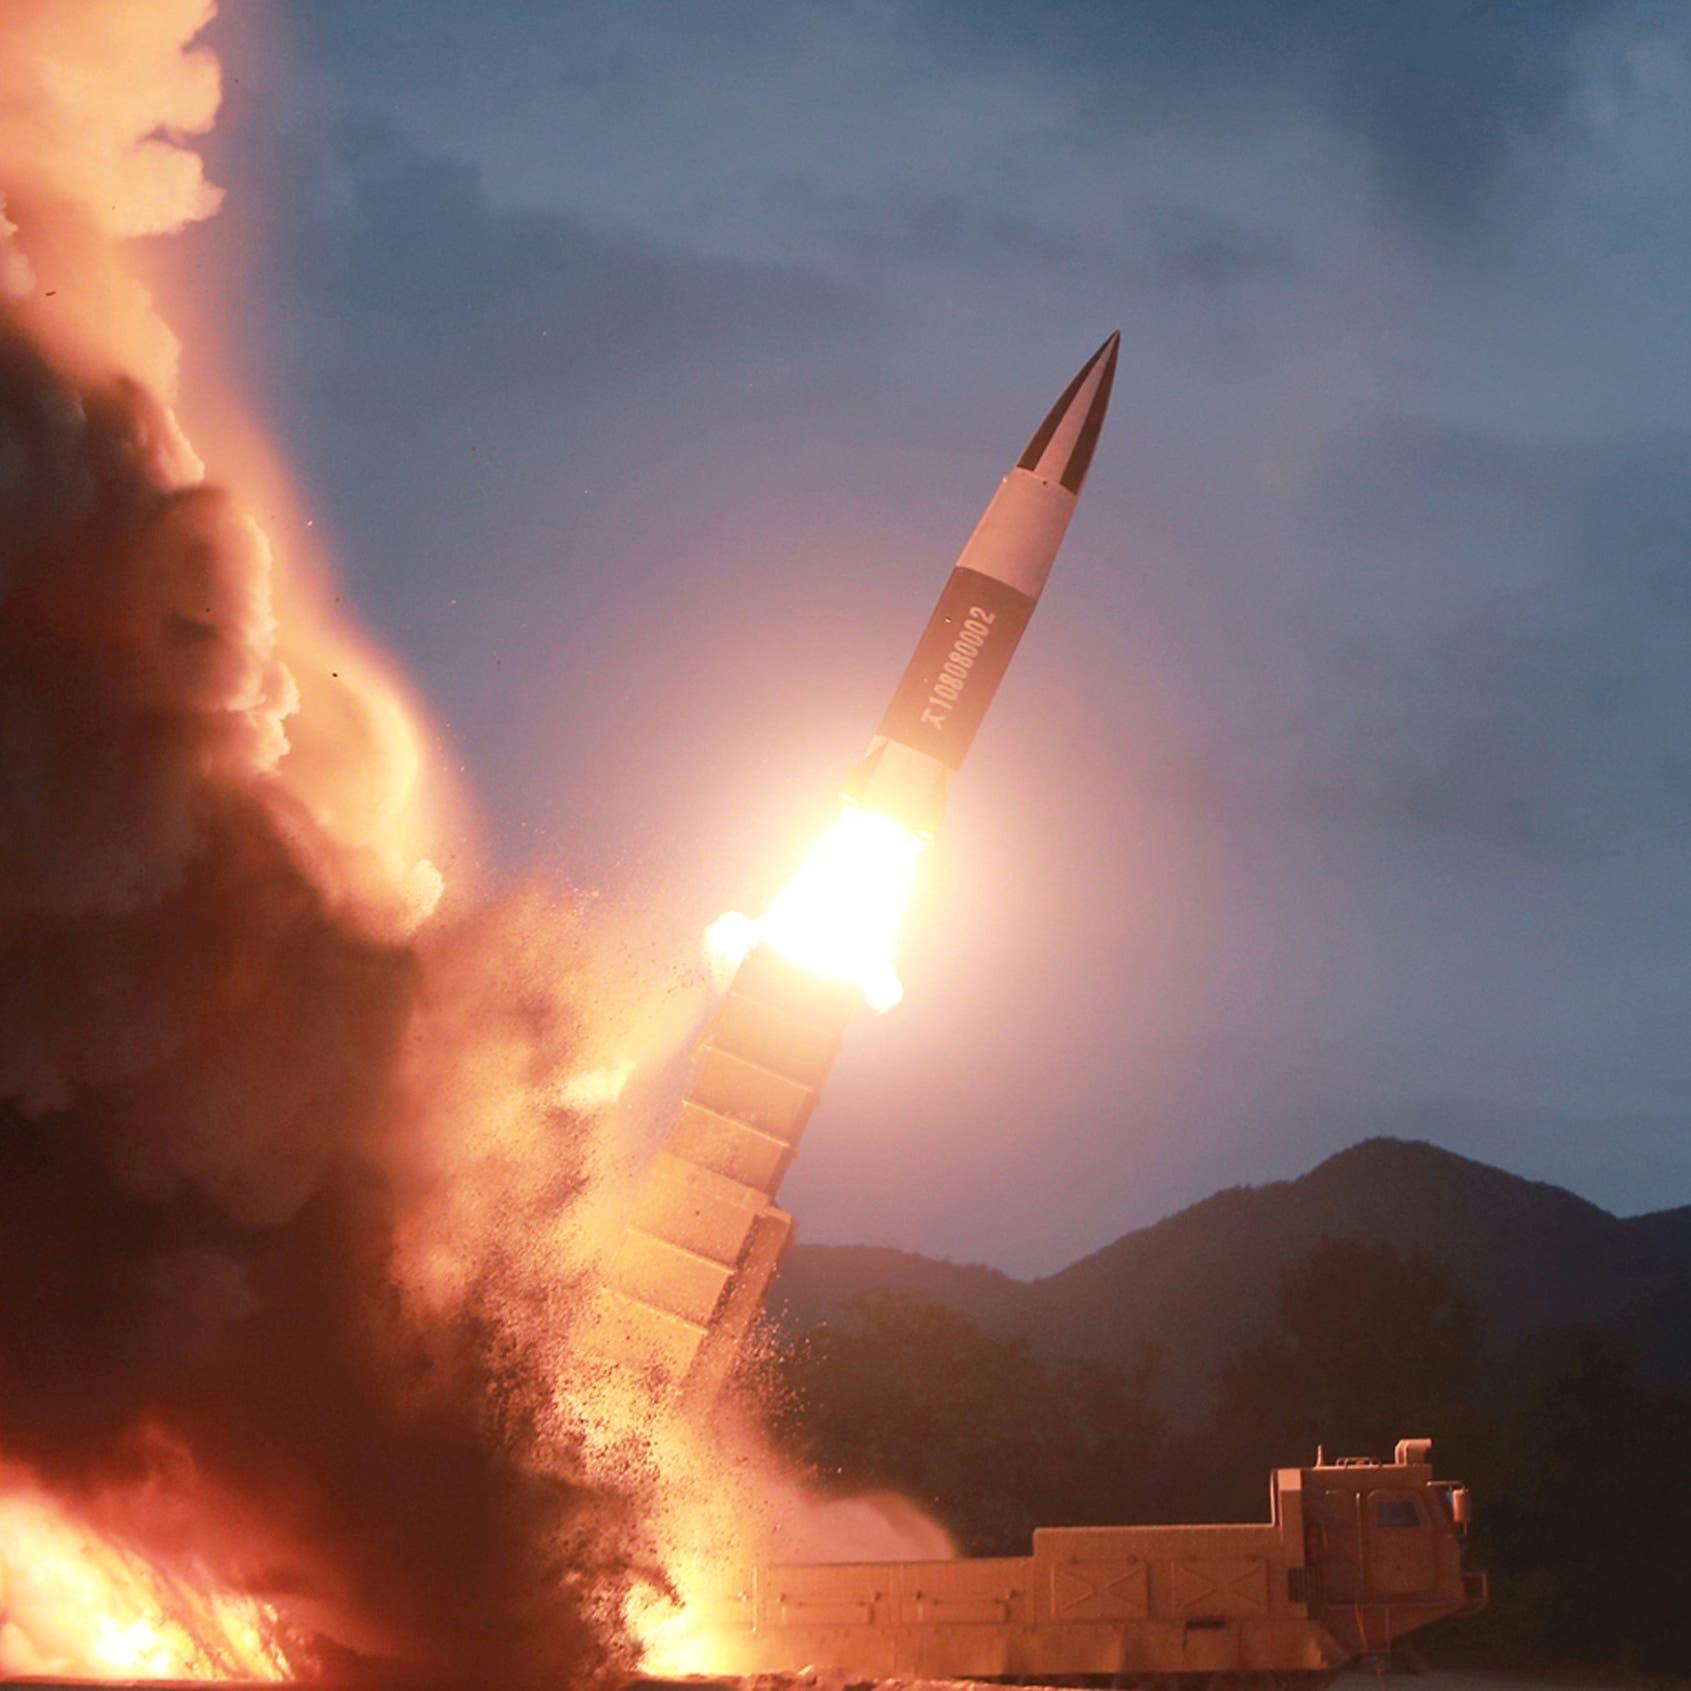 كوريا الشمالية: استئناف مفاوضات النووي مع واشنطن السبت